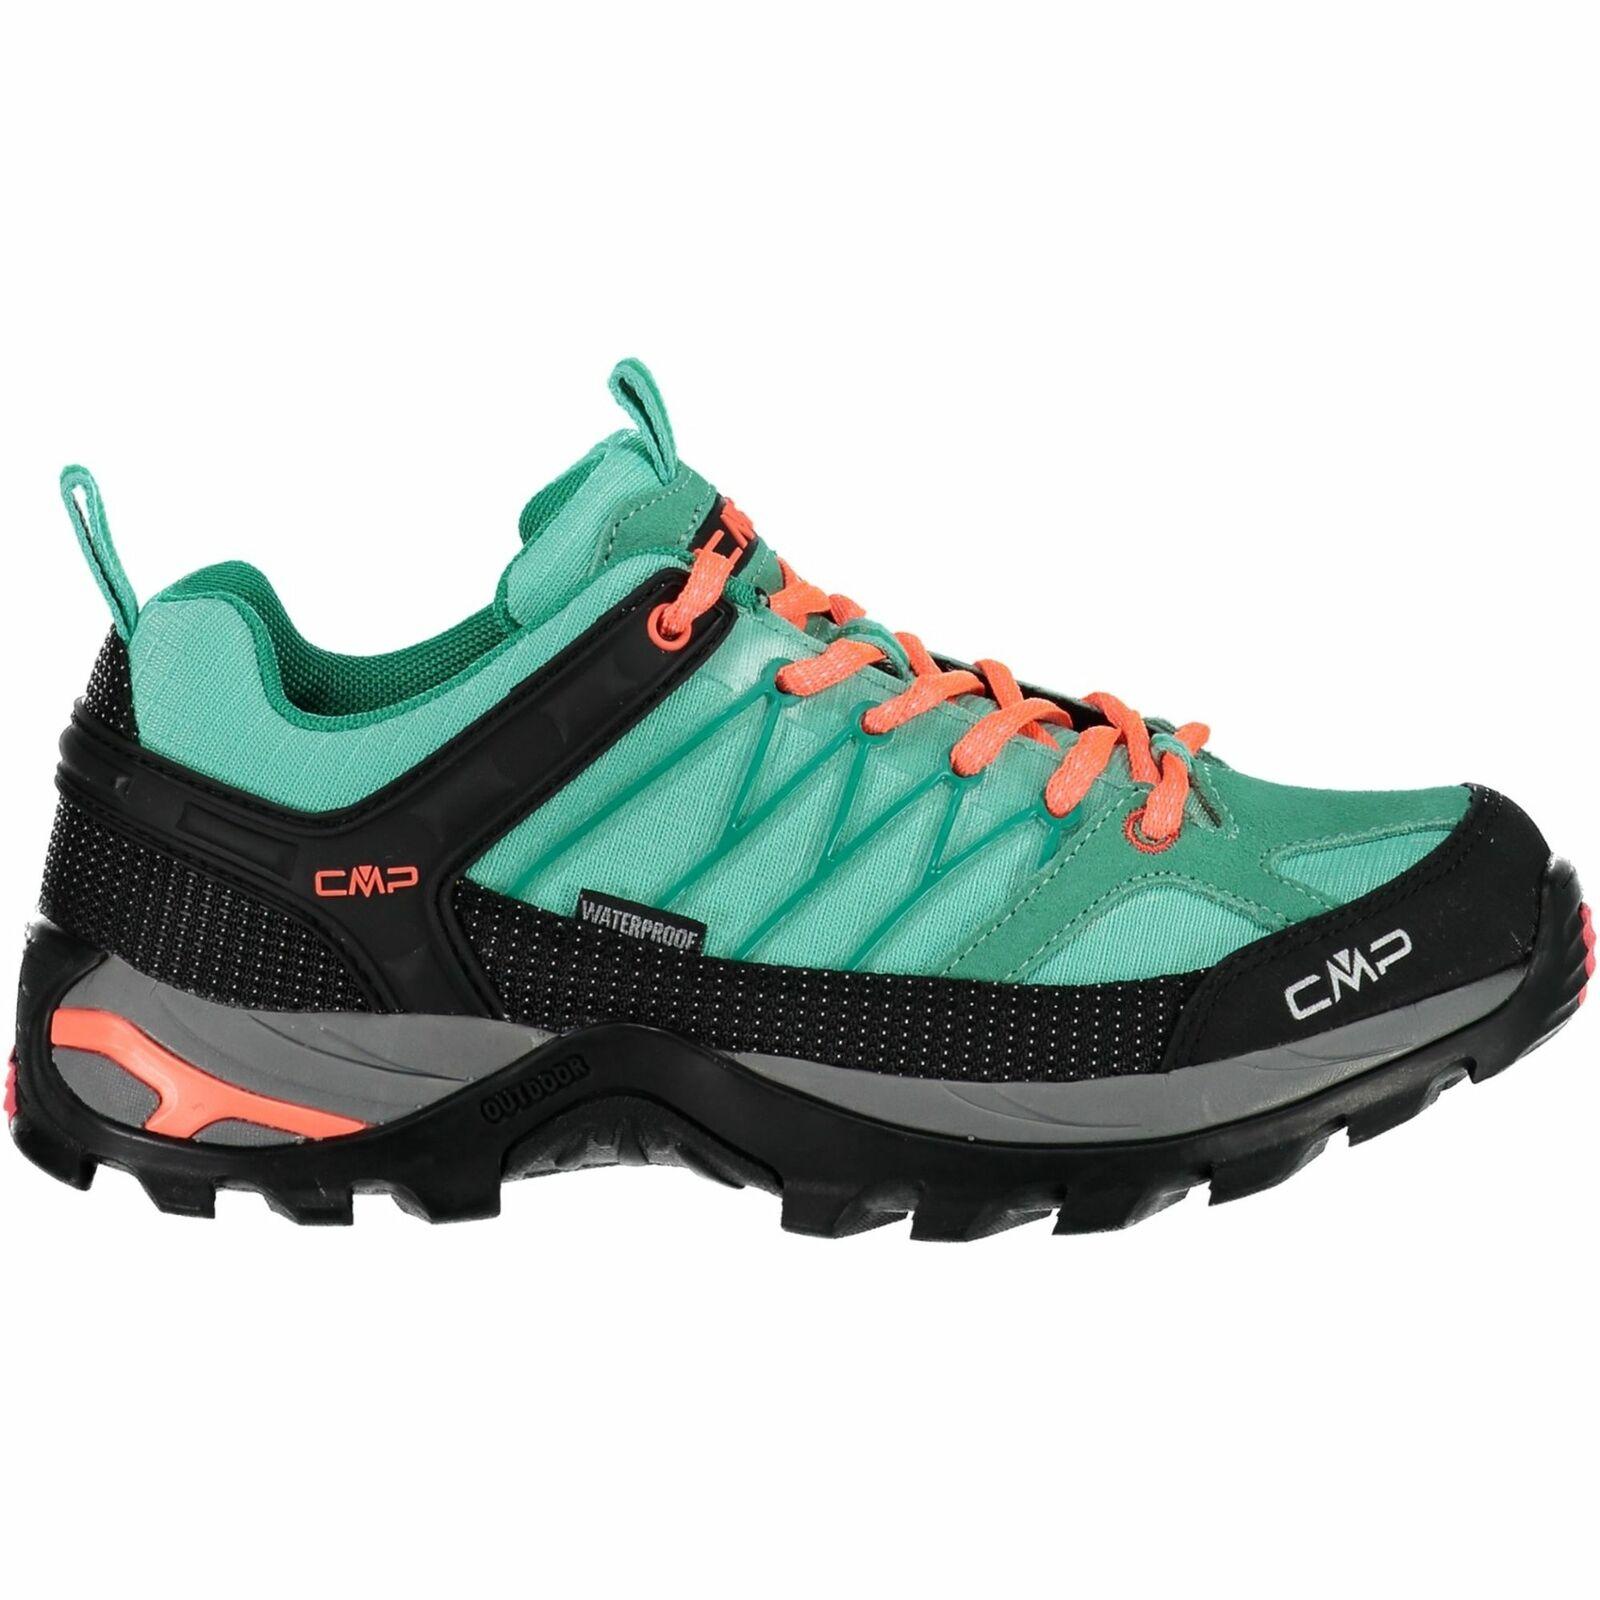 CMP trekking zapatos Al  aire libreschuh Rigel low WMN trekking zapatos WP turquesa Mesh  Envío rápido y el mejor servicio